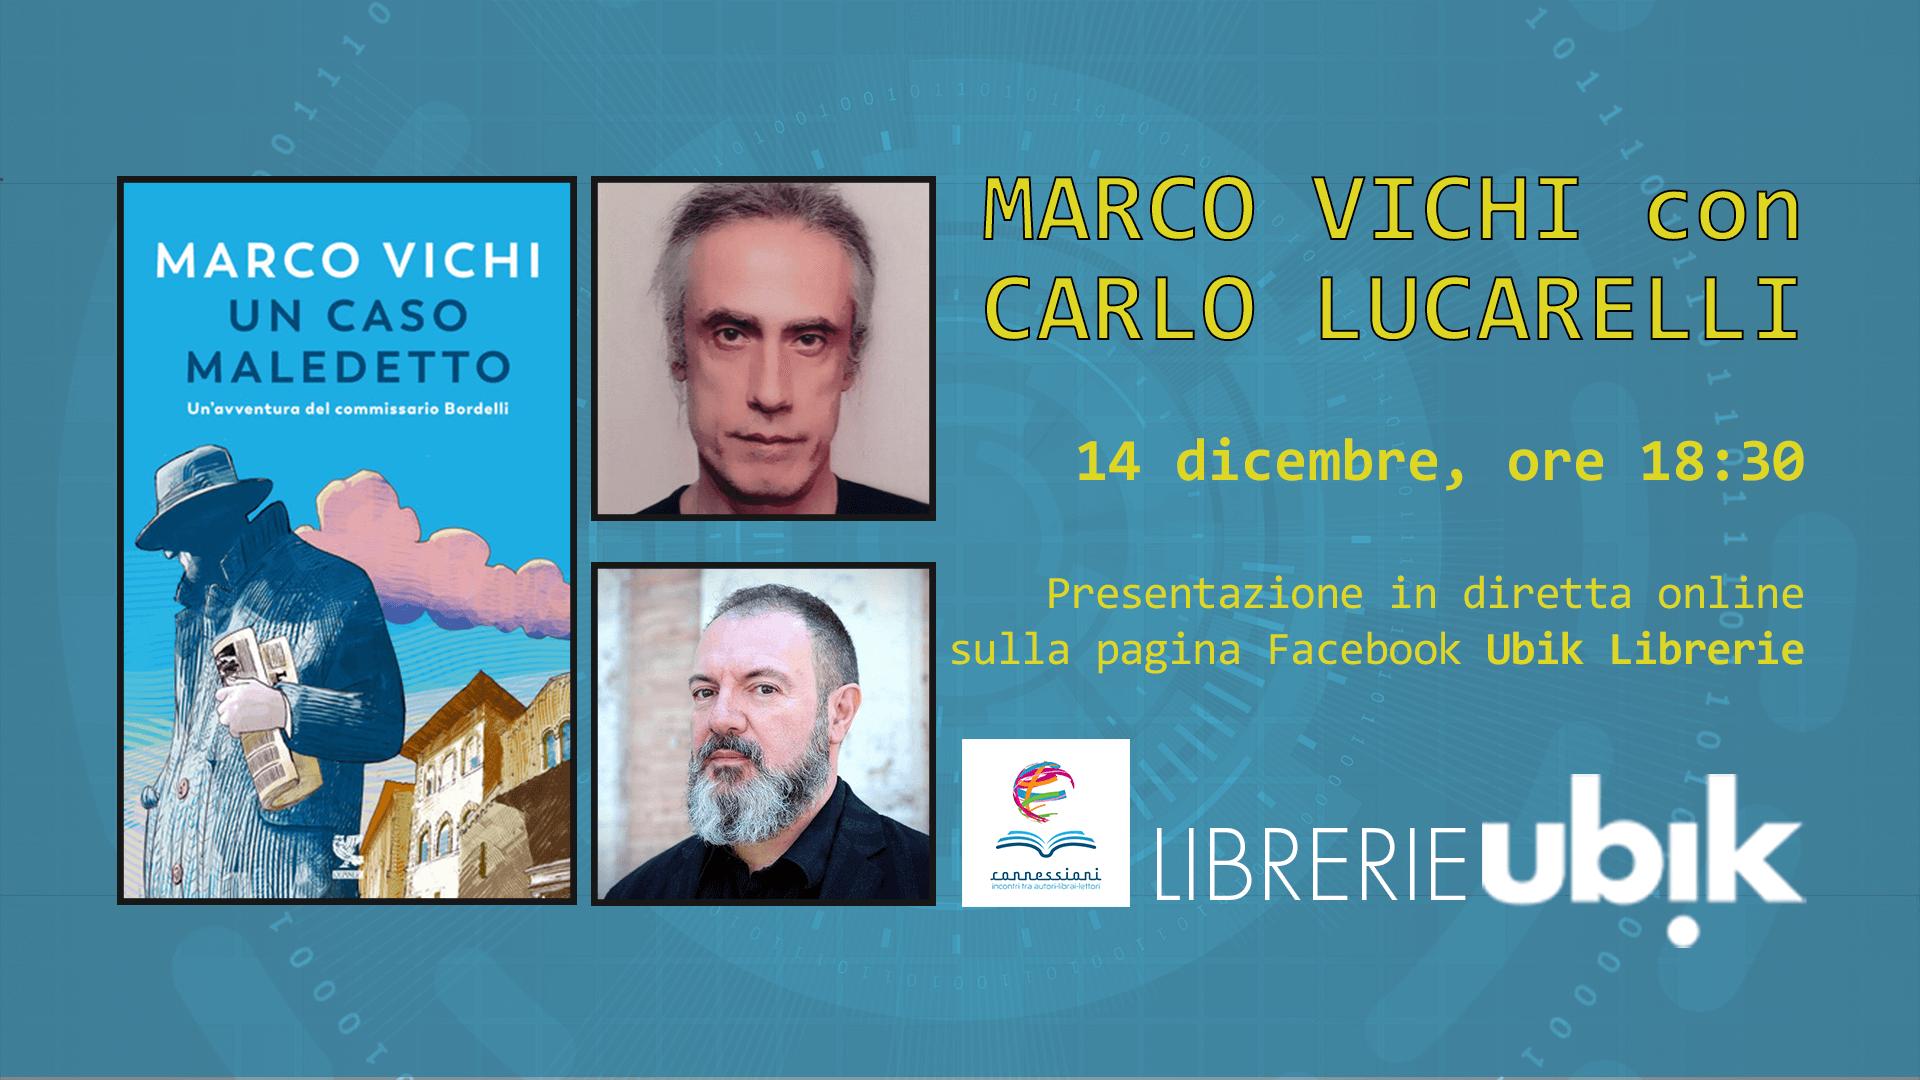 MARCO VICHI con CARLO LUCARELLI presenta in diretta online